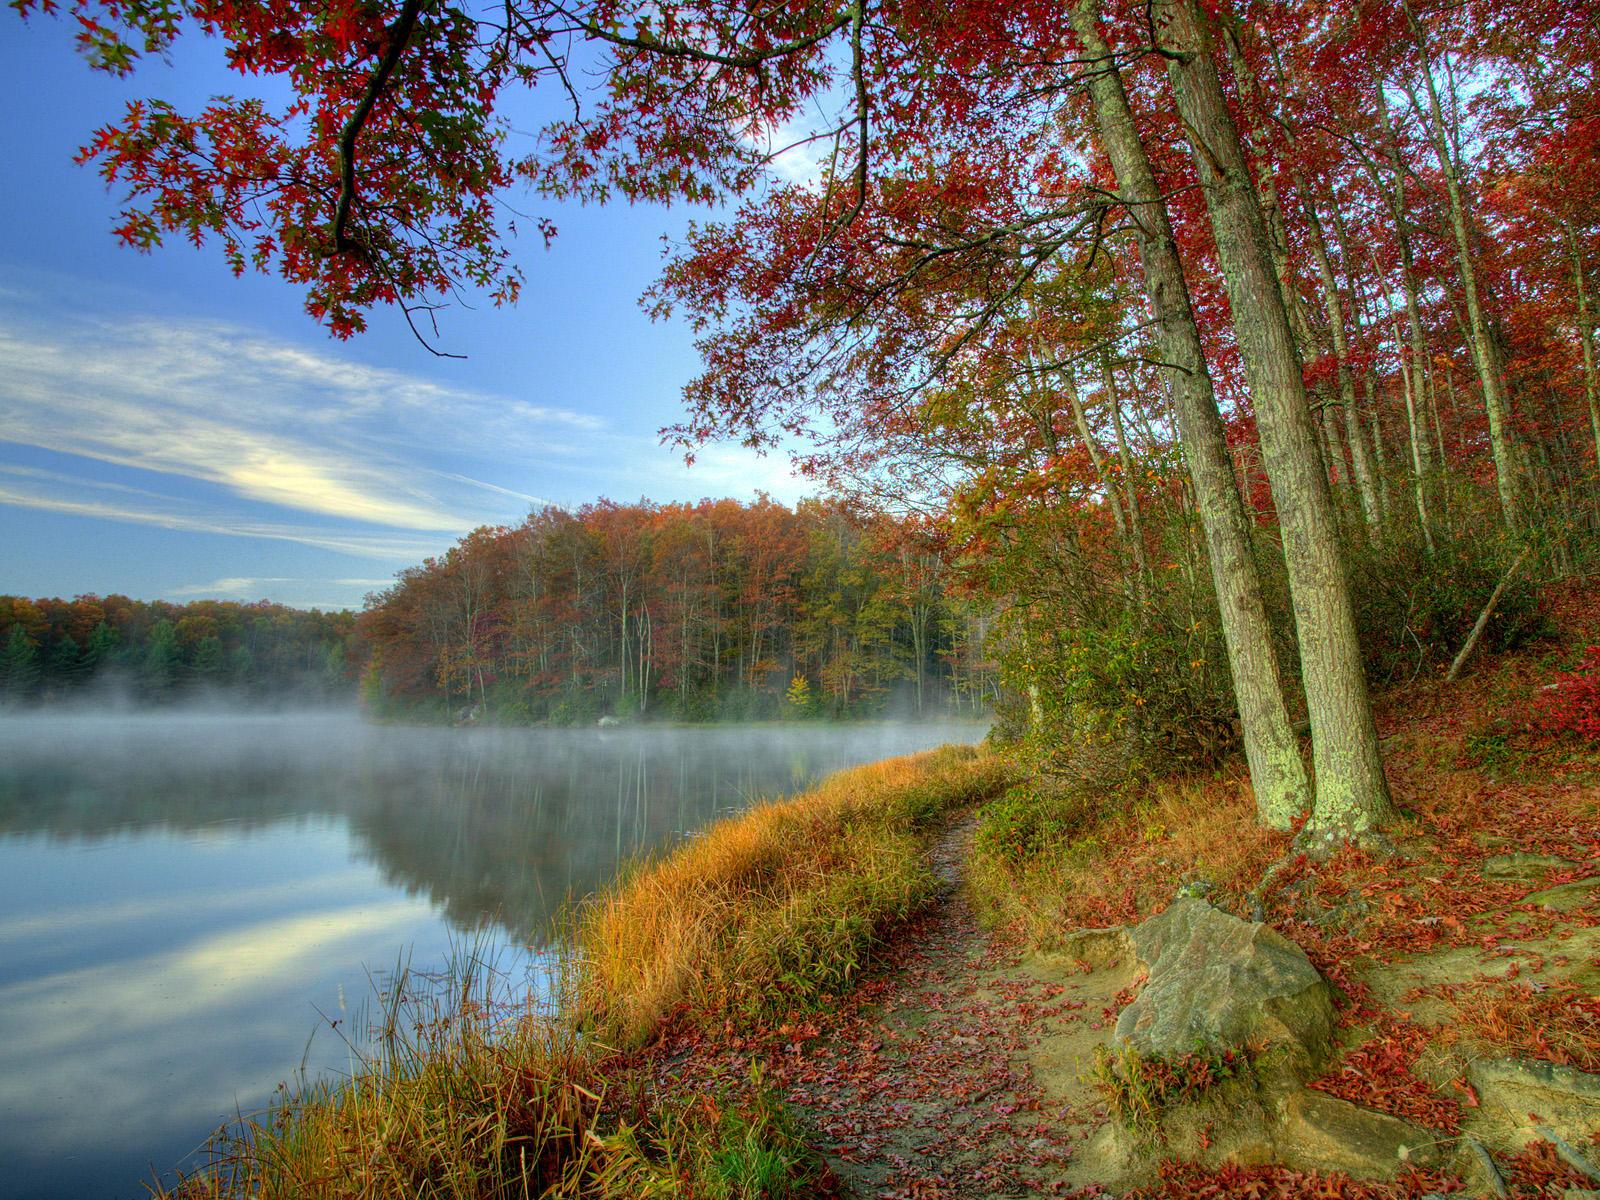 Desktop Wallpaper Fall Scenes Seasons Change